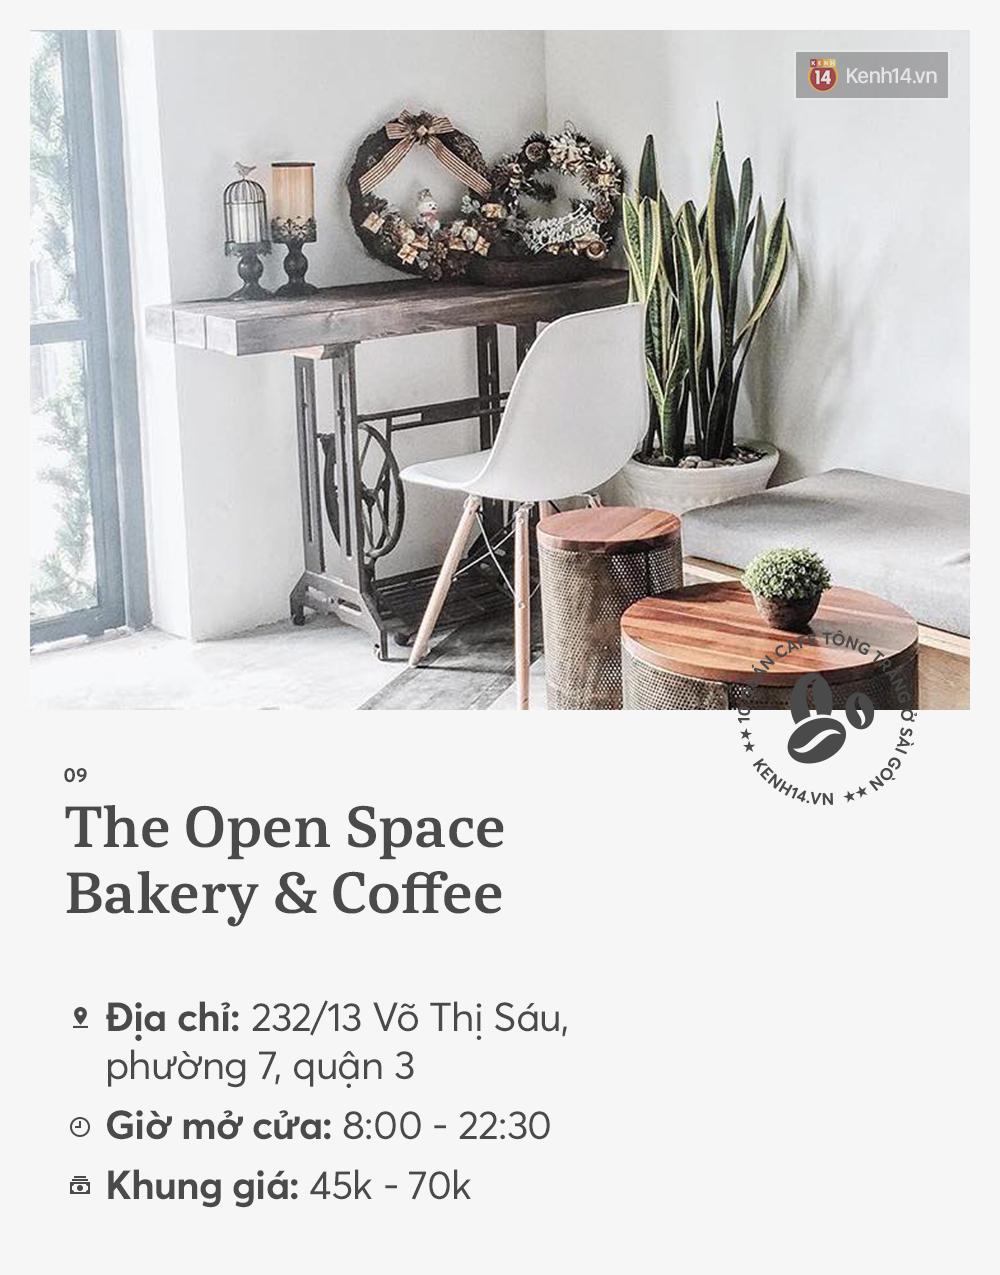 10 quán cà phê tông trắng ở Sài Gòn, cứ đến là có ảnh đẹp! - Ảnh 17.